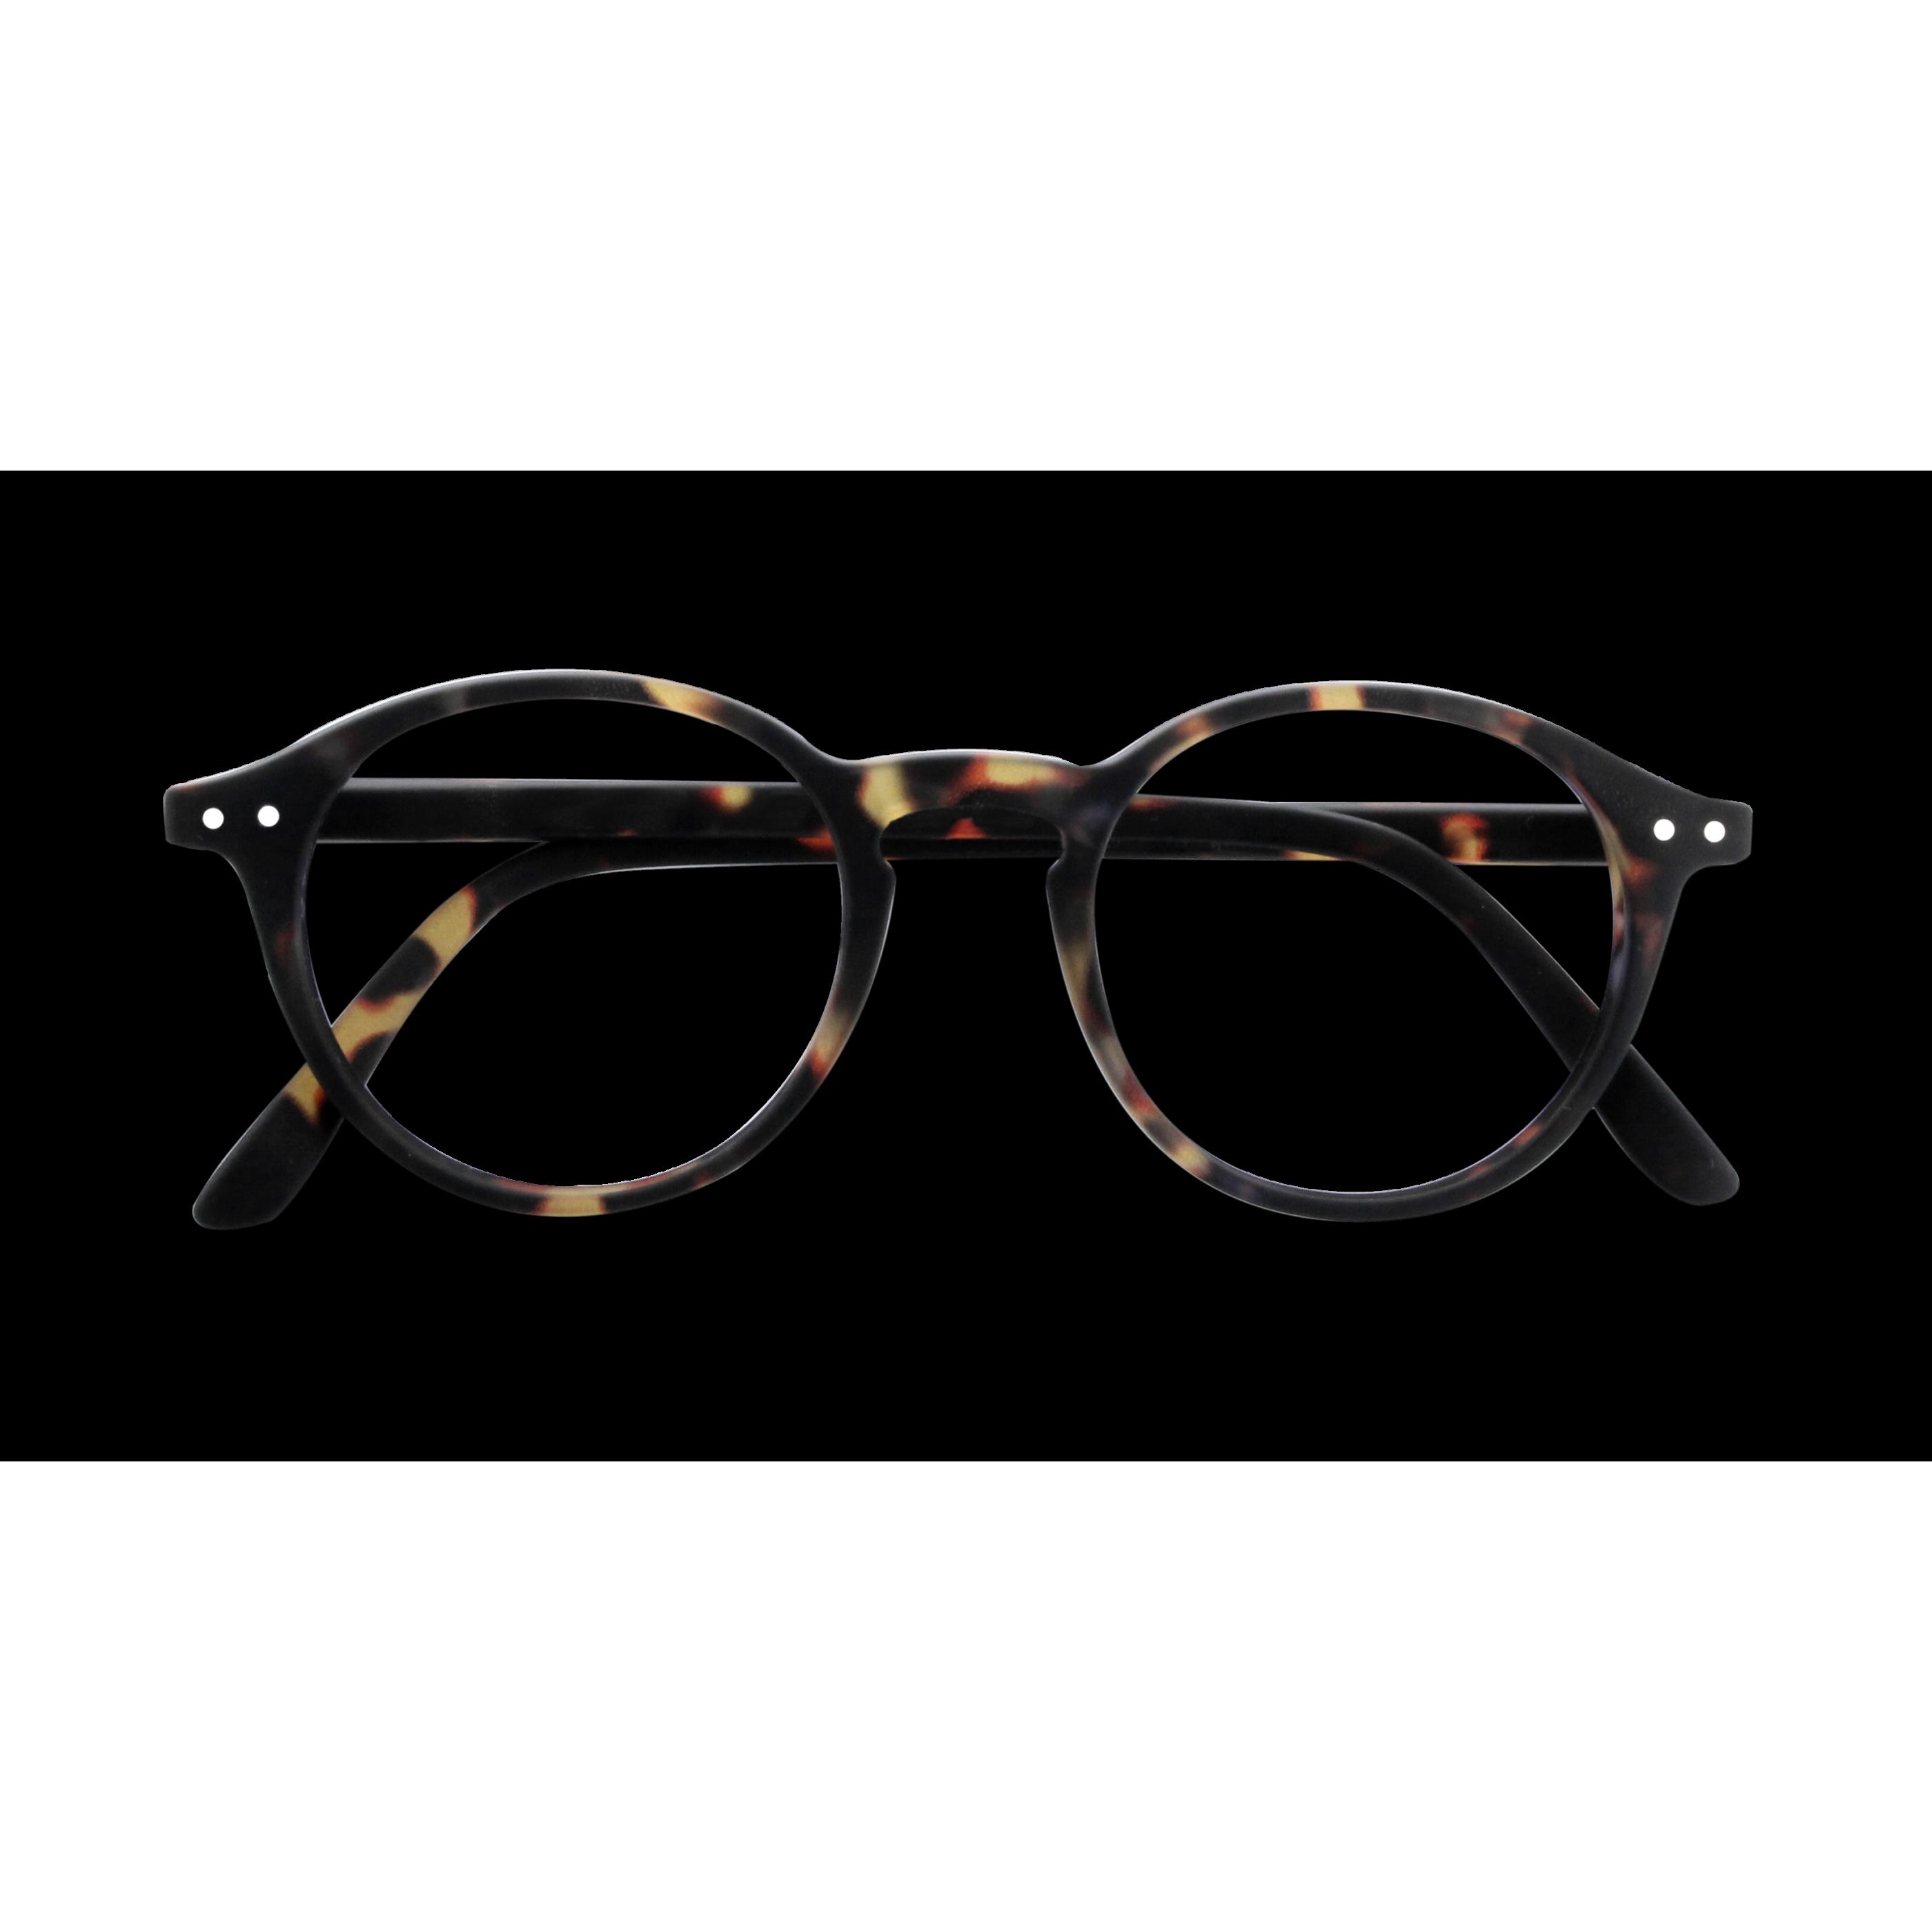 D SCREEN Tortoise Reading glasses, Glasses frames